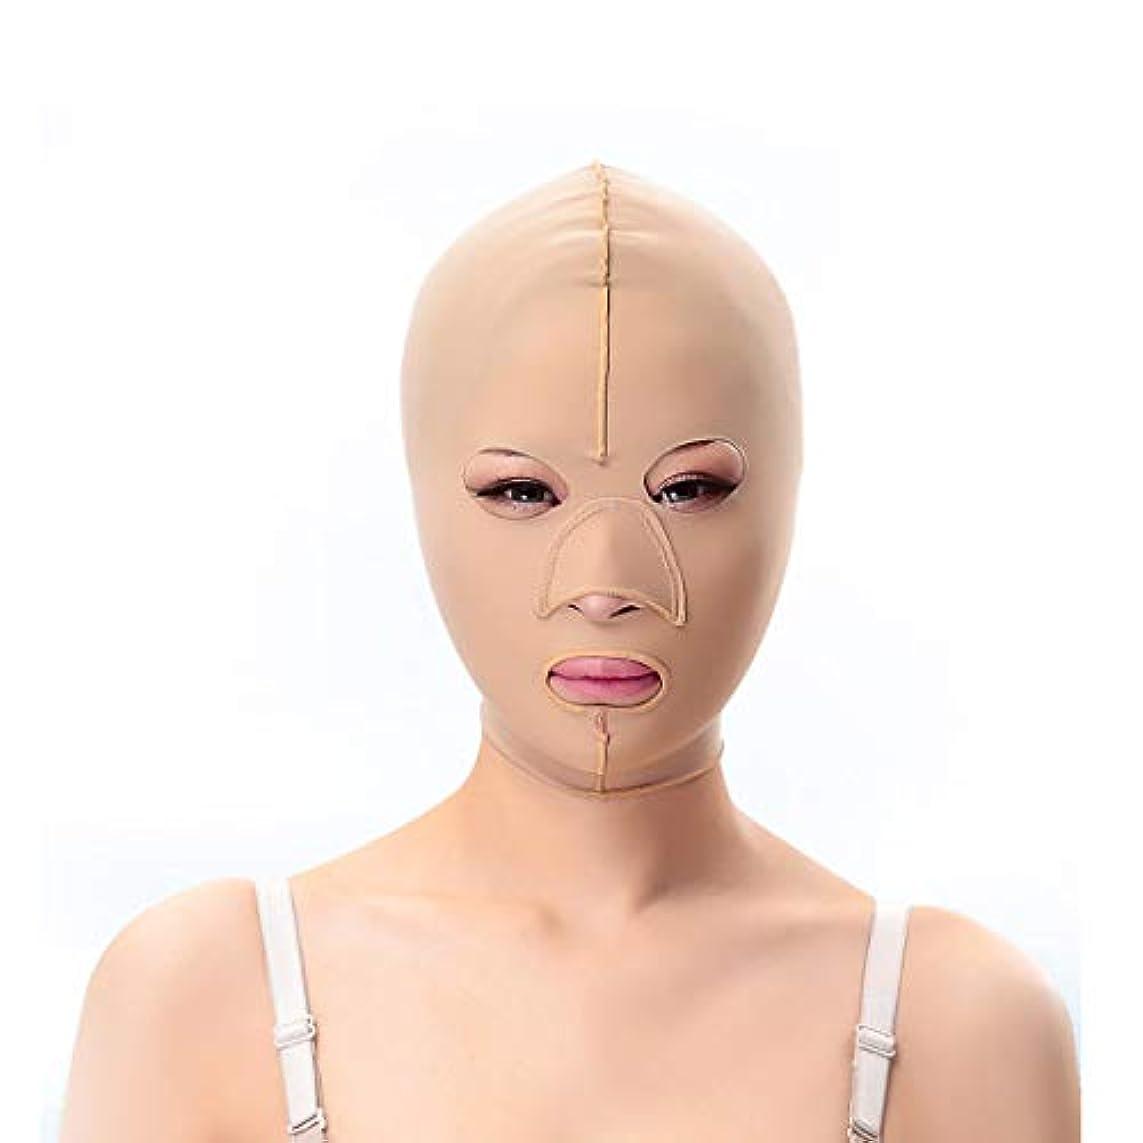 不愉快知人遠足TLMY 減量ベルトマスクフェイスマスク神聖なパターンリフト二重あご引き締め顔面プラスチック顔面アーティファクト強力な顔面包帯 顔用整形マスク (Size : S)